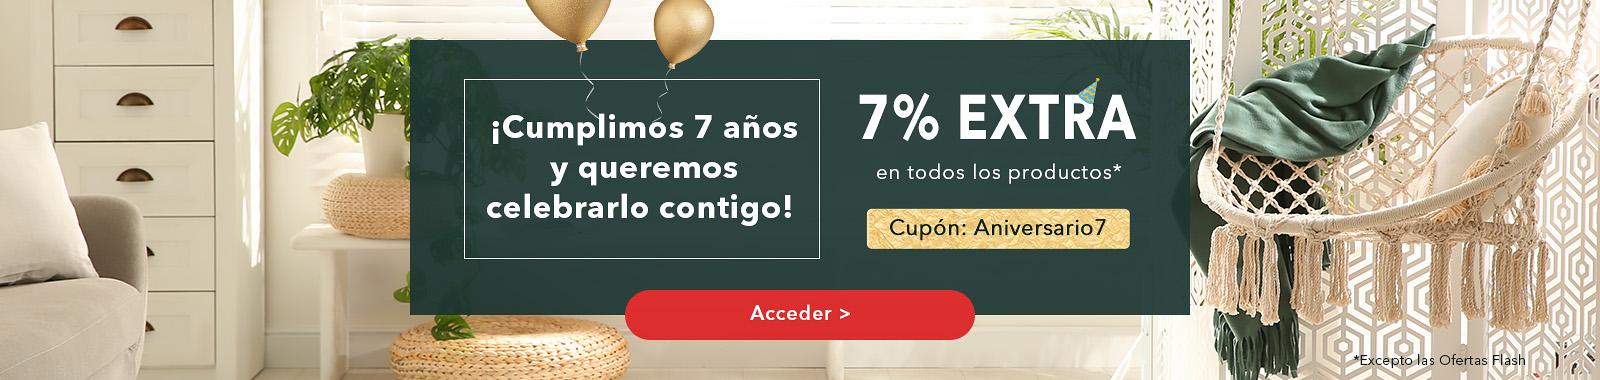 ¡Cumplimpos 7 años y queremos celebrarlo contigo! 7% EXTRA descuentos en toda la Web excepto las Ofertas Flash